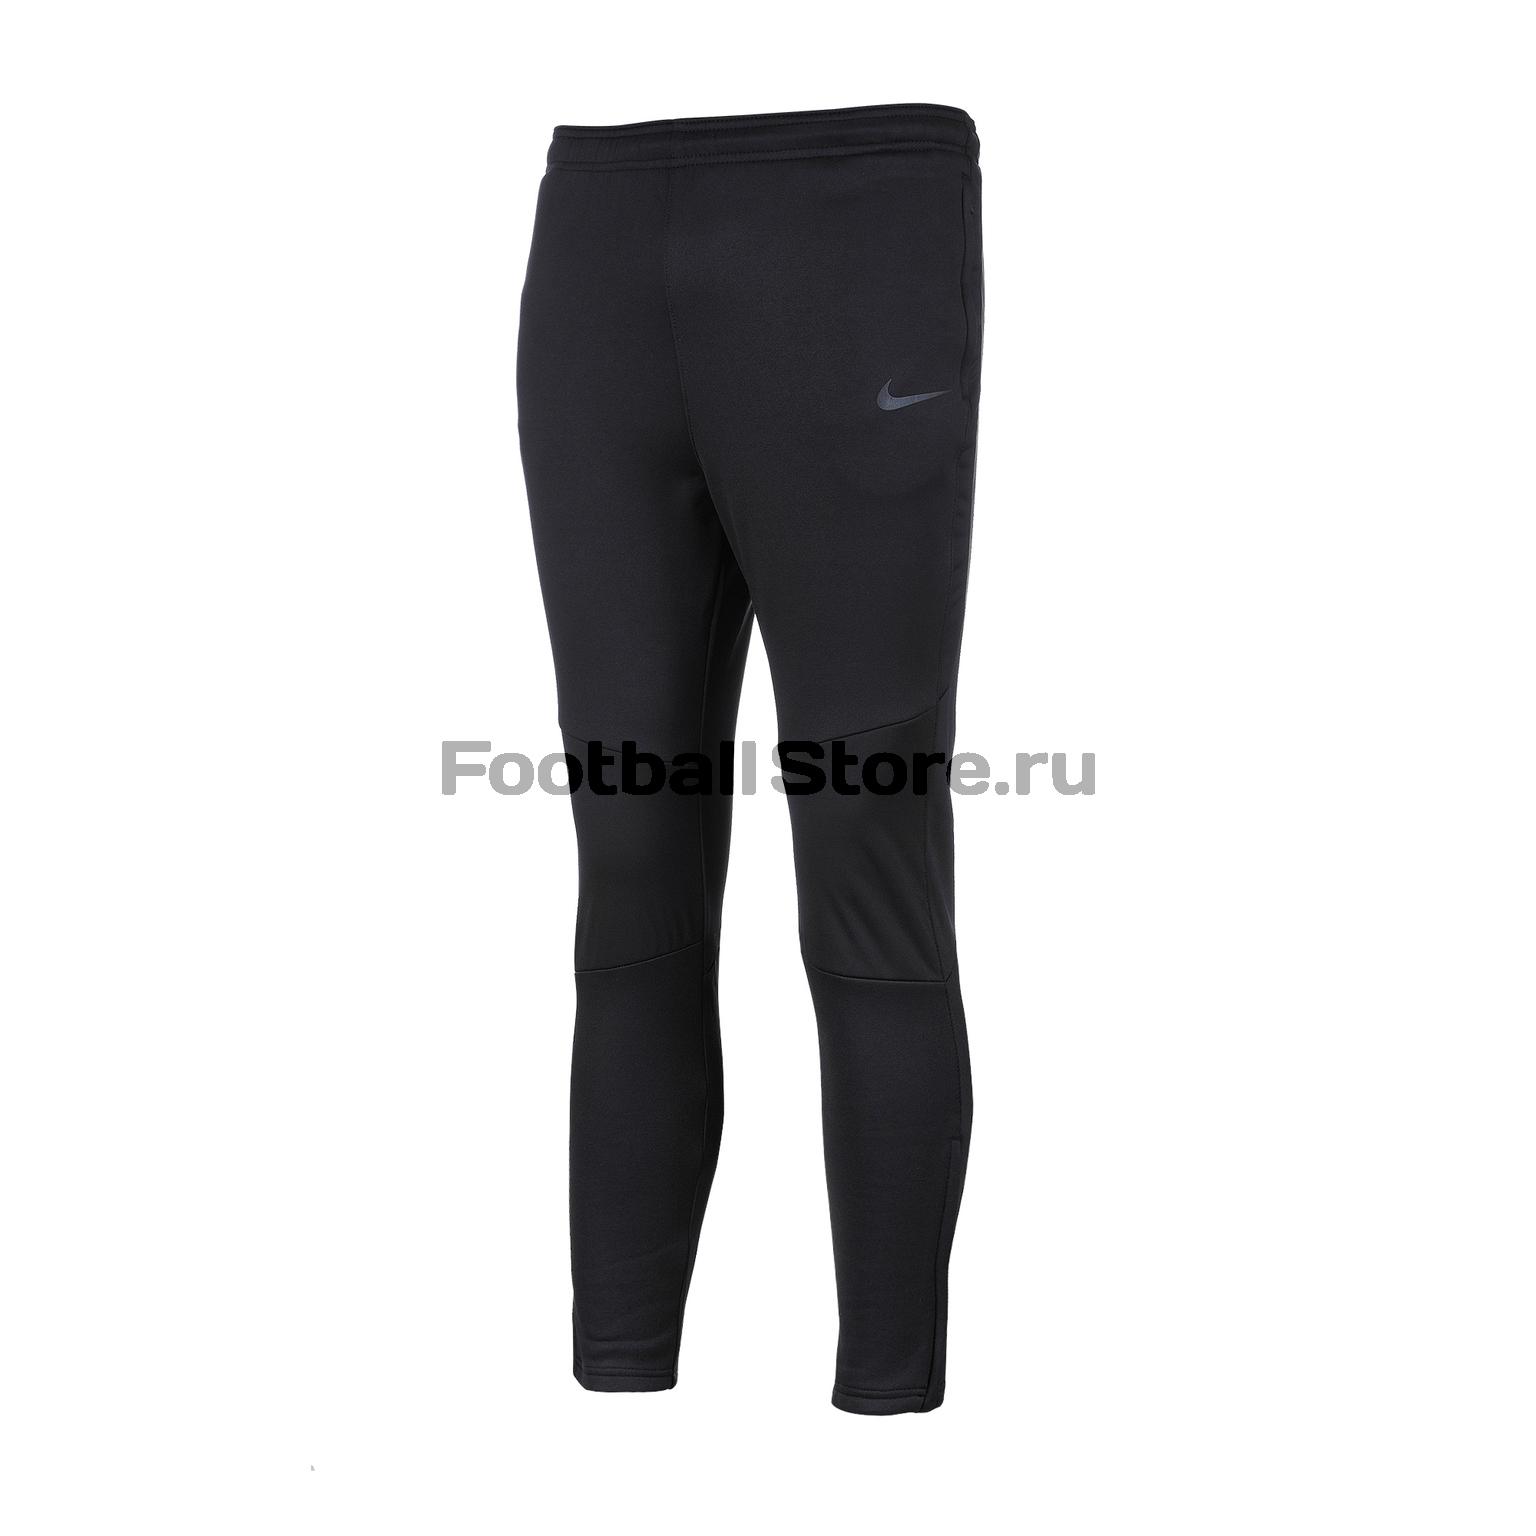 Брюки тренировочные подростковые Nike Therma Pant AQ0355-010 брюки тренировочные подростковые nike squad 832390 451